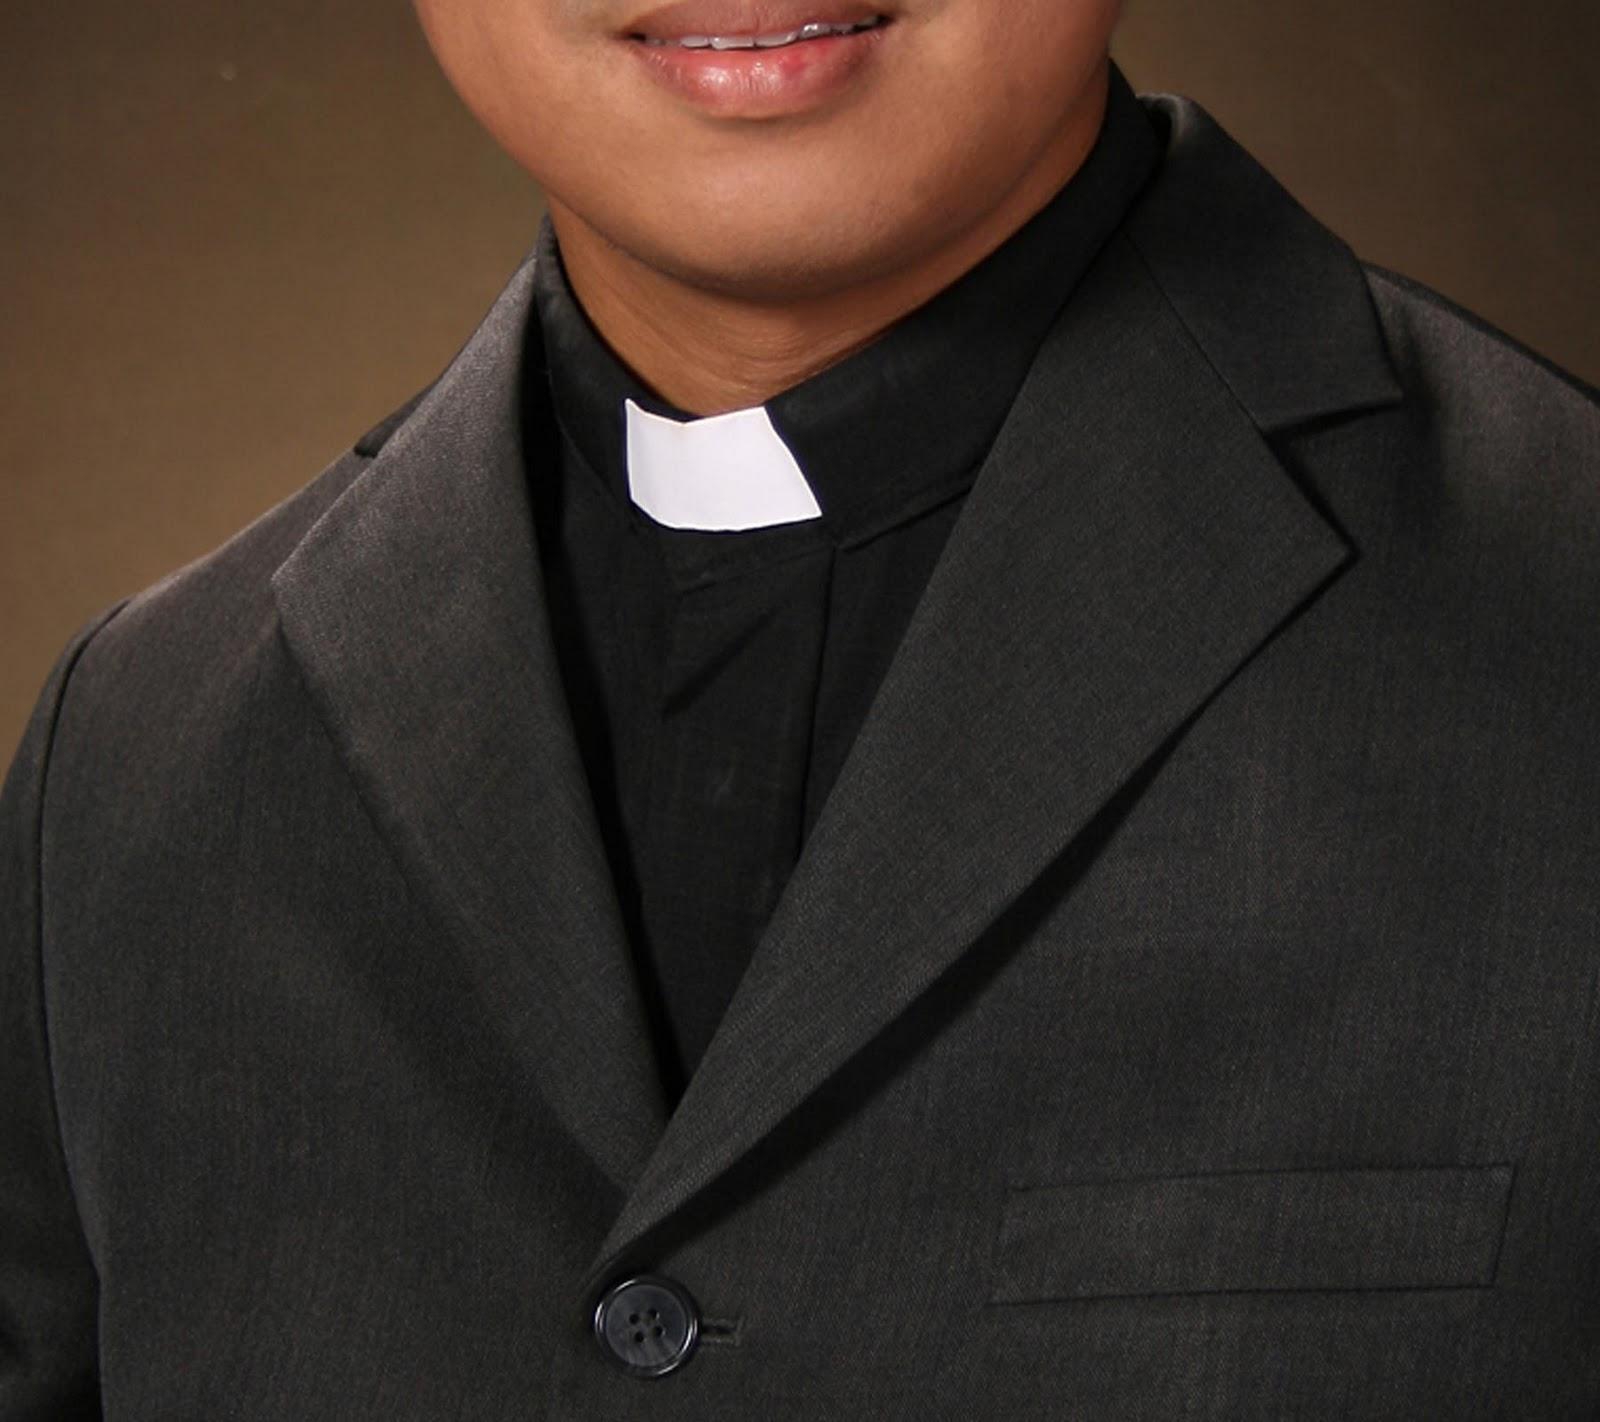 Catholic Priest Uniform Girls Wild Party